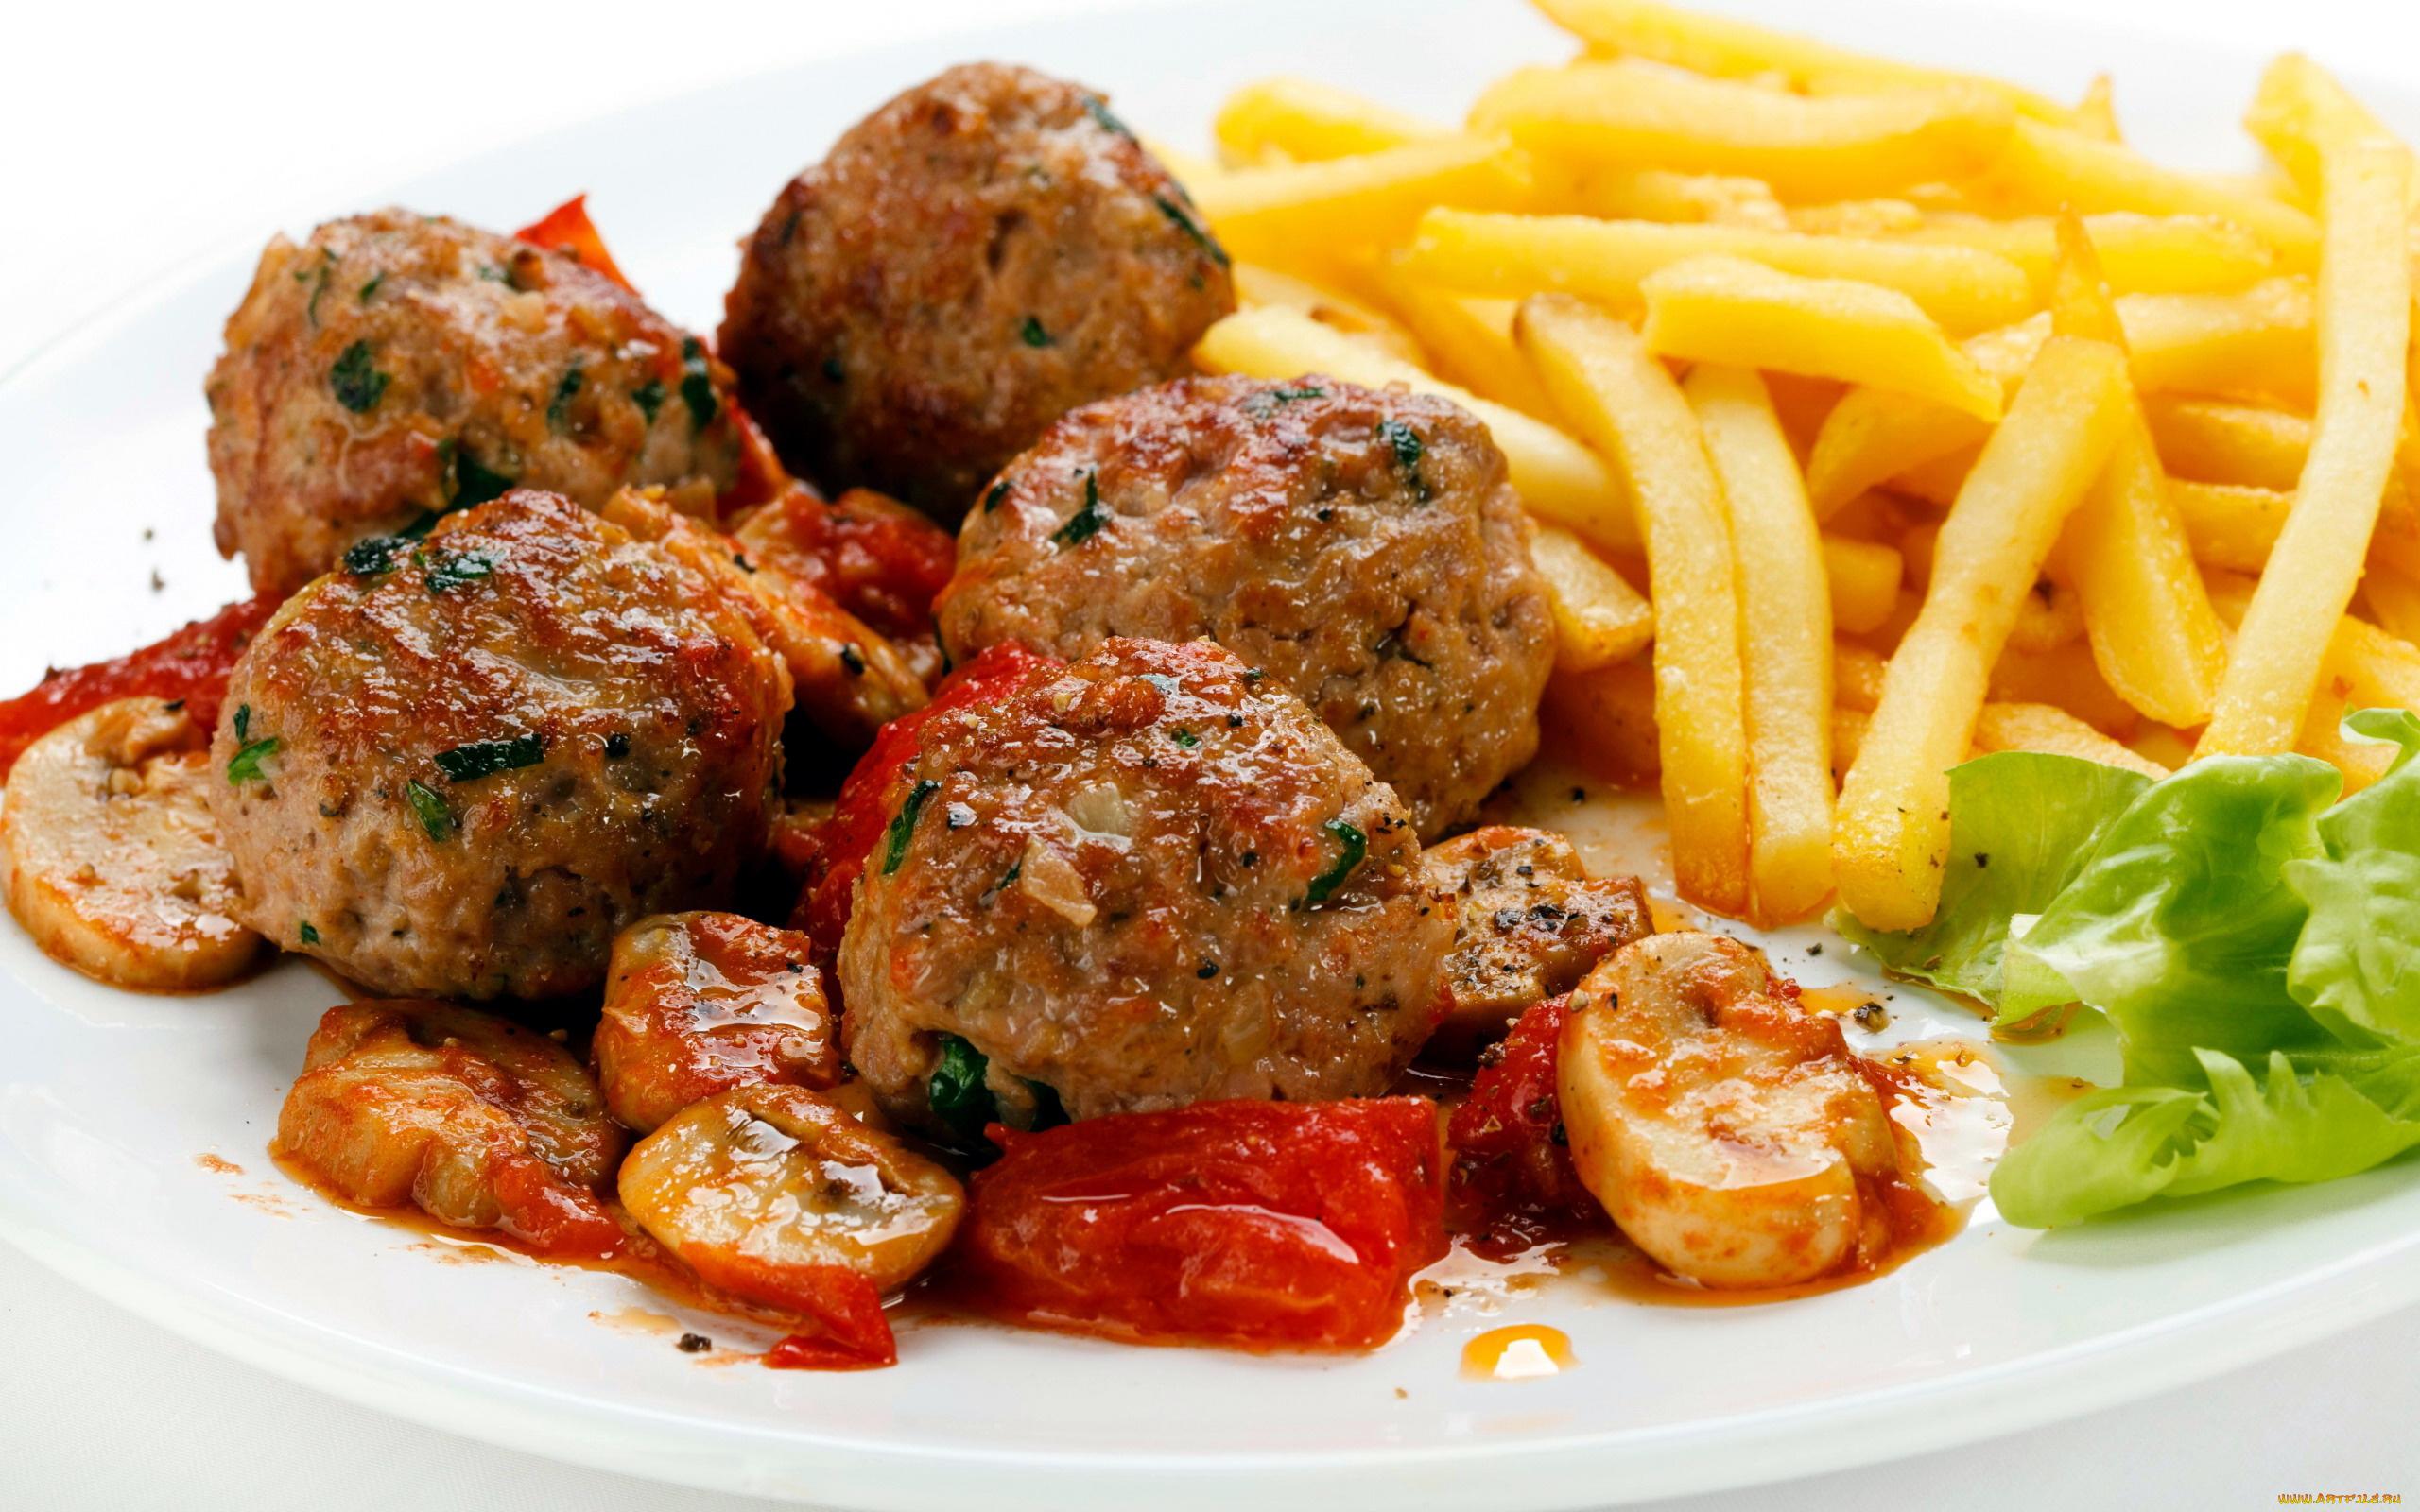 Картинки вкусных блюд из мяса, открытки все